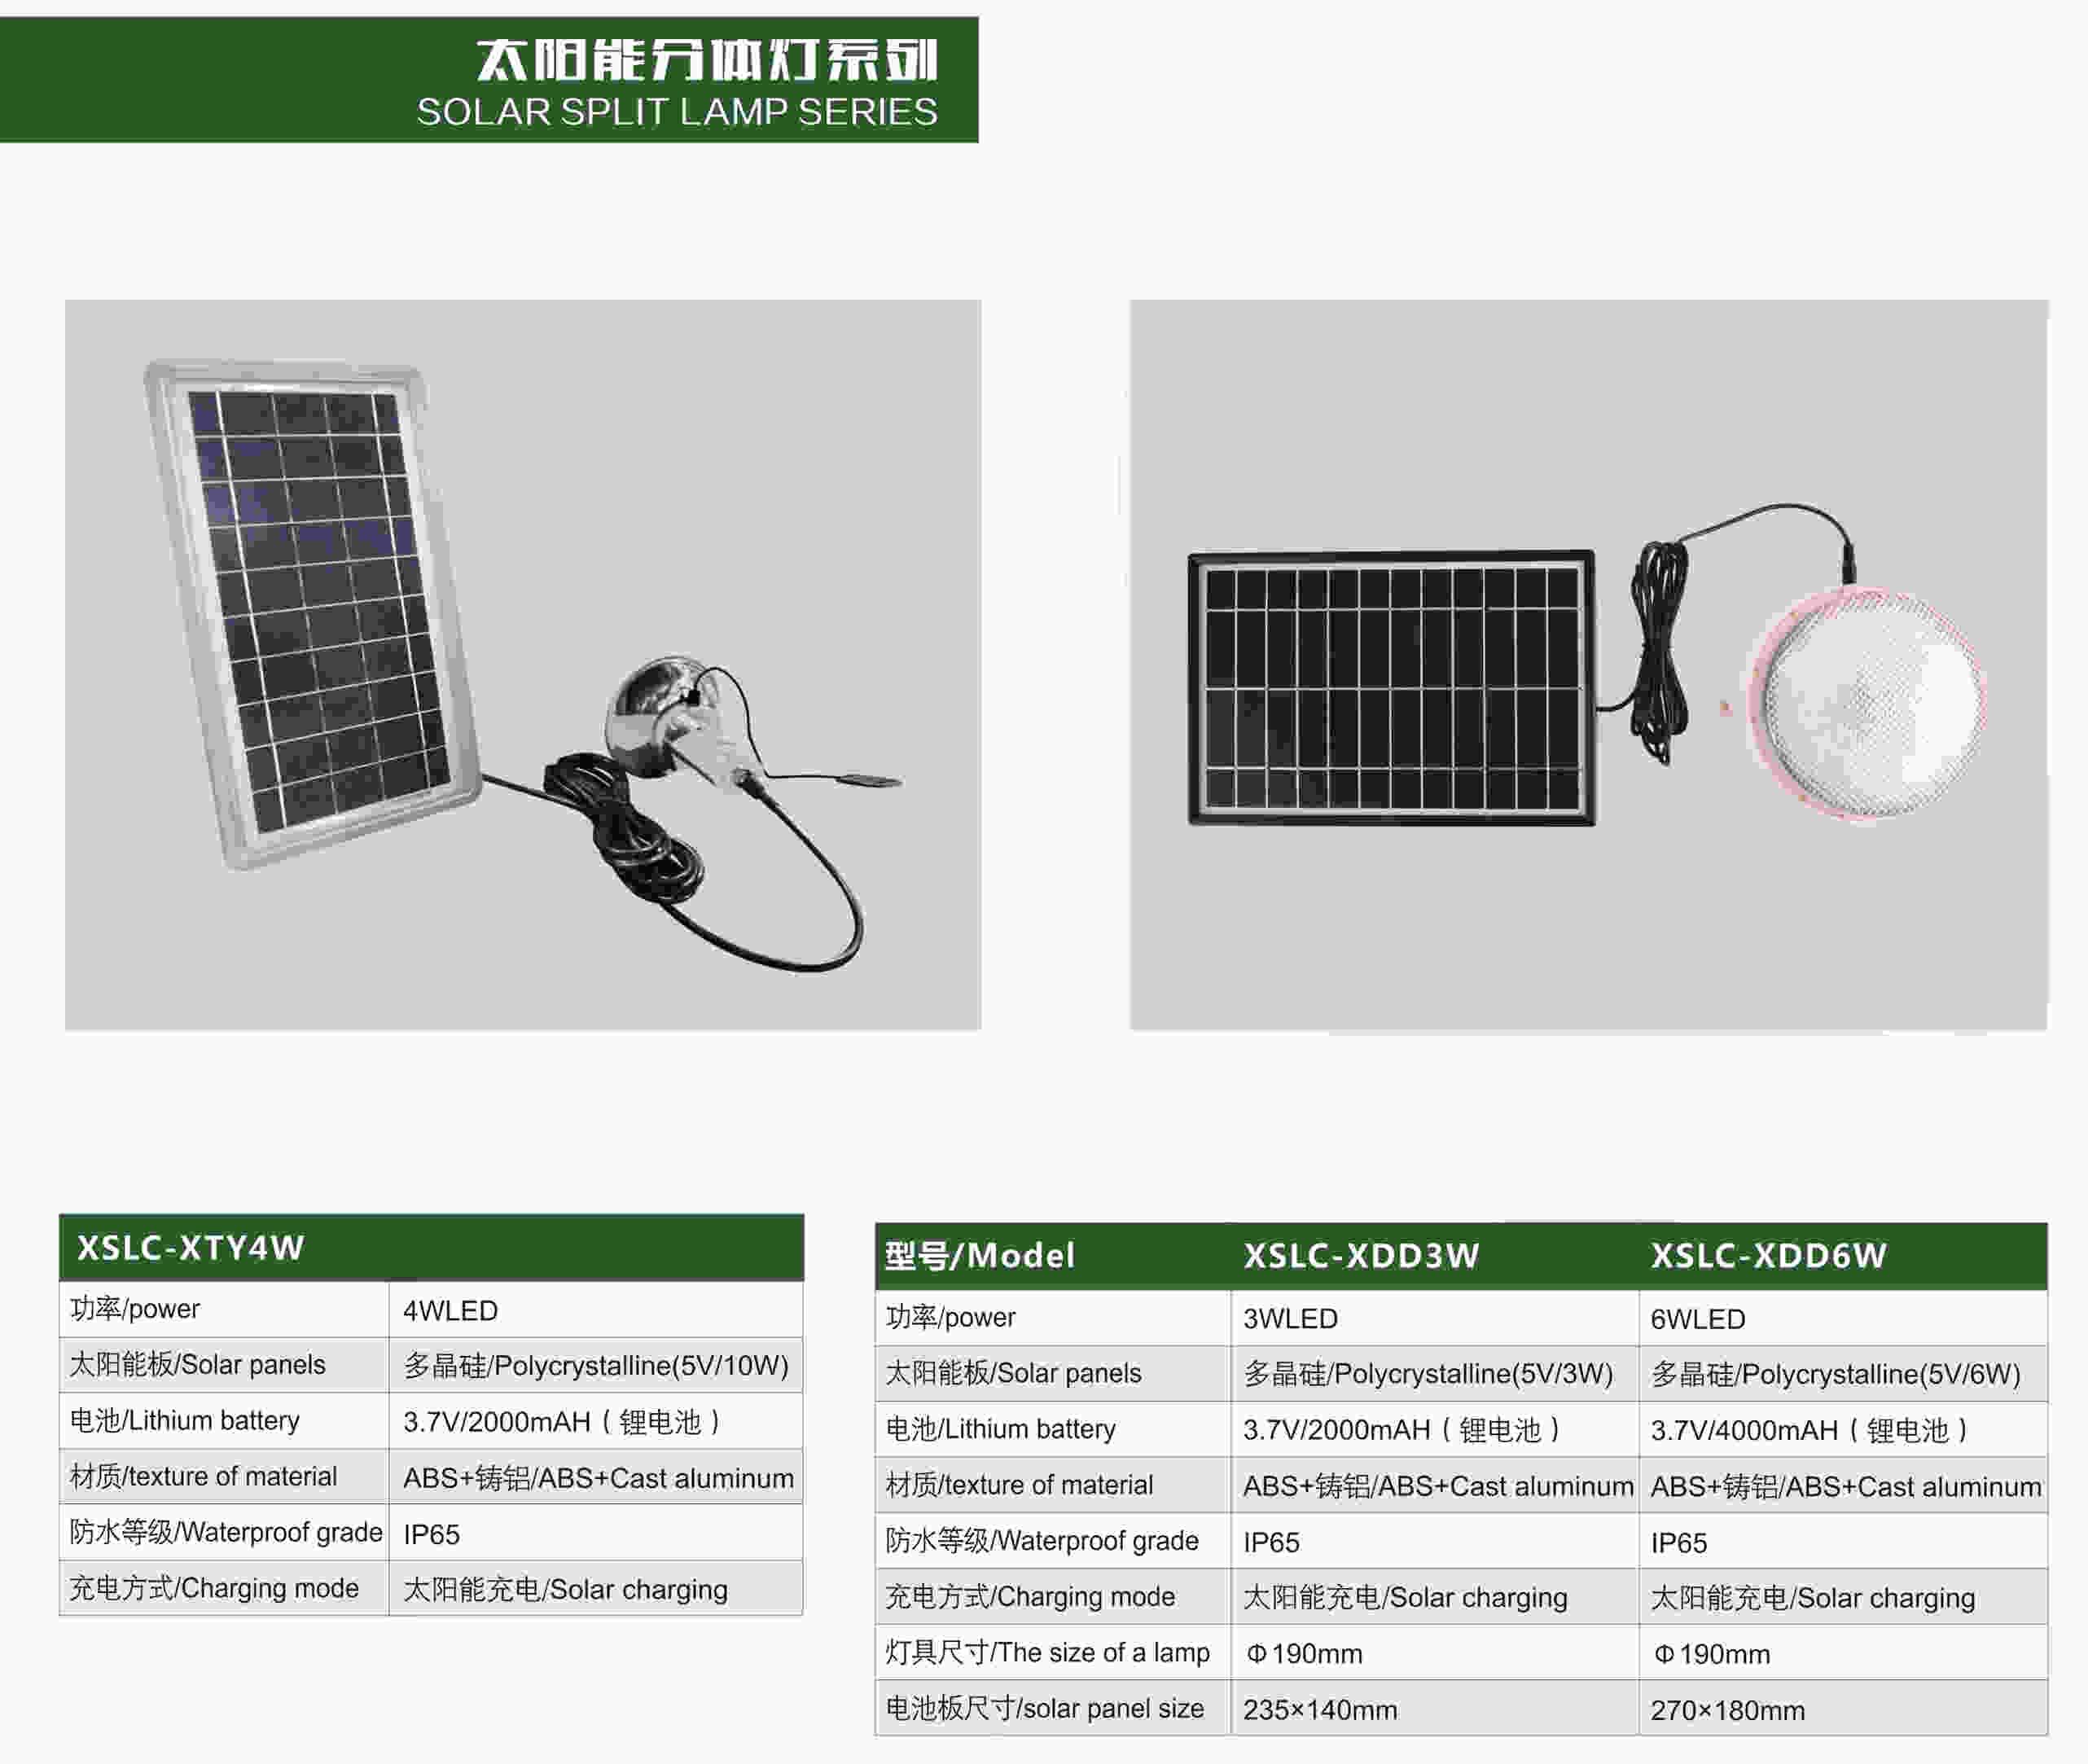 山西金日能源专业供应太阳能灯,长治太阳能灭蚊灯